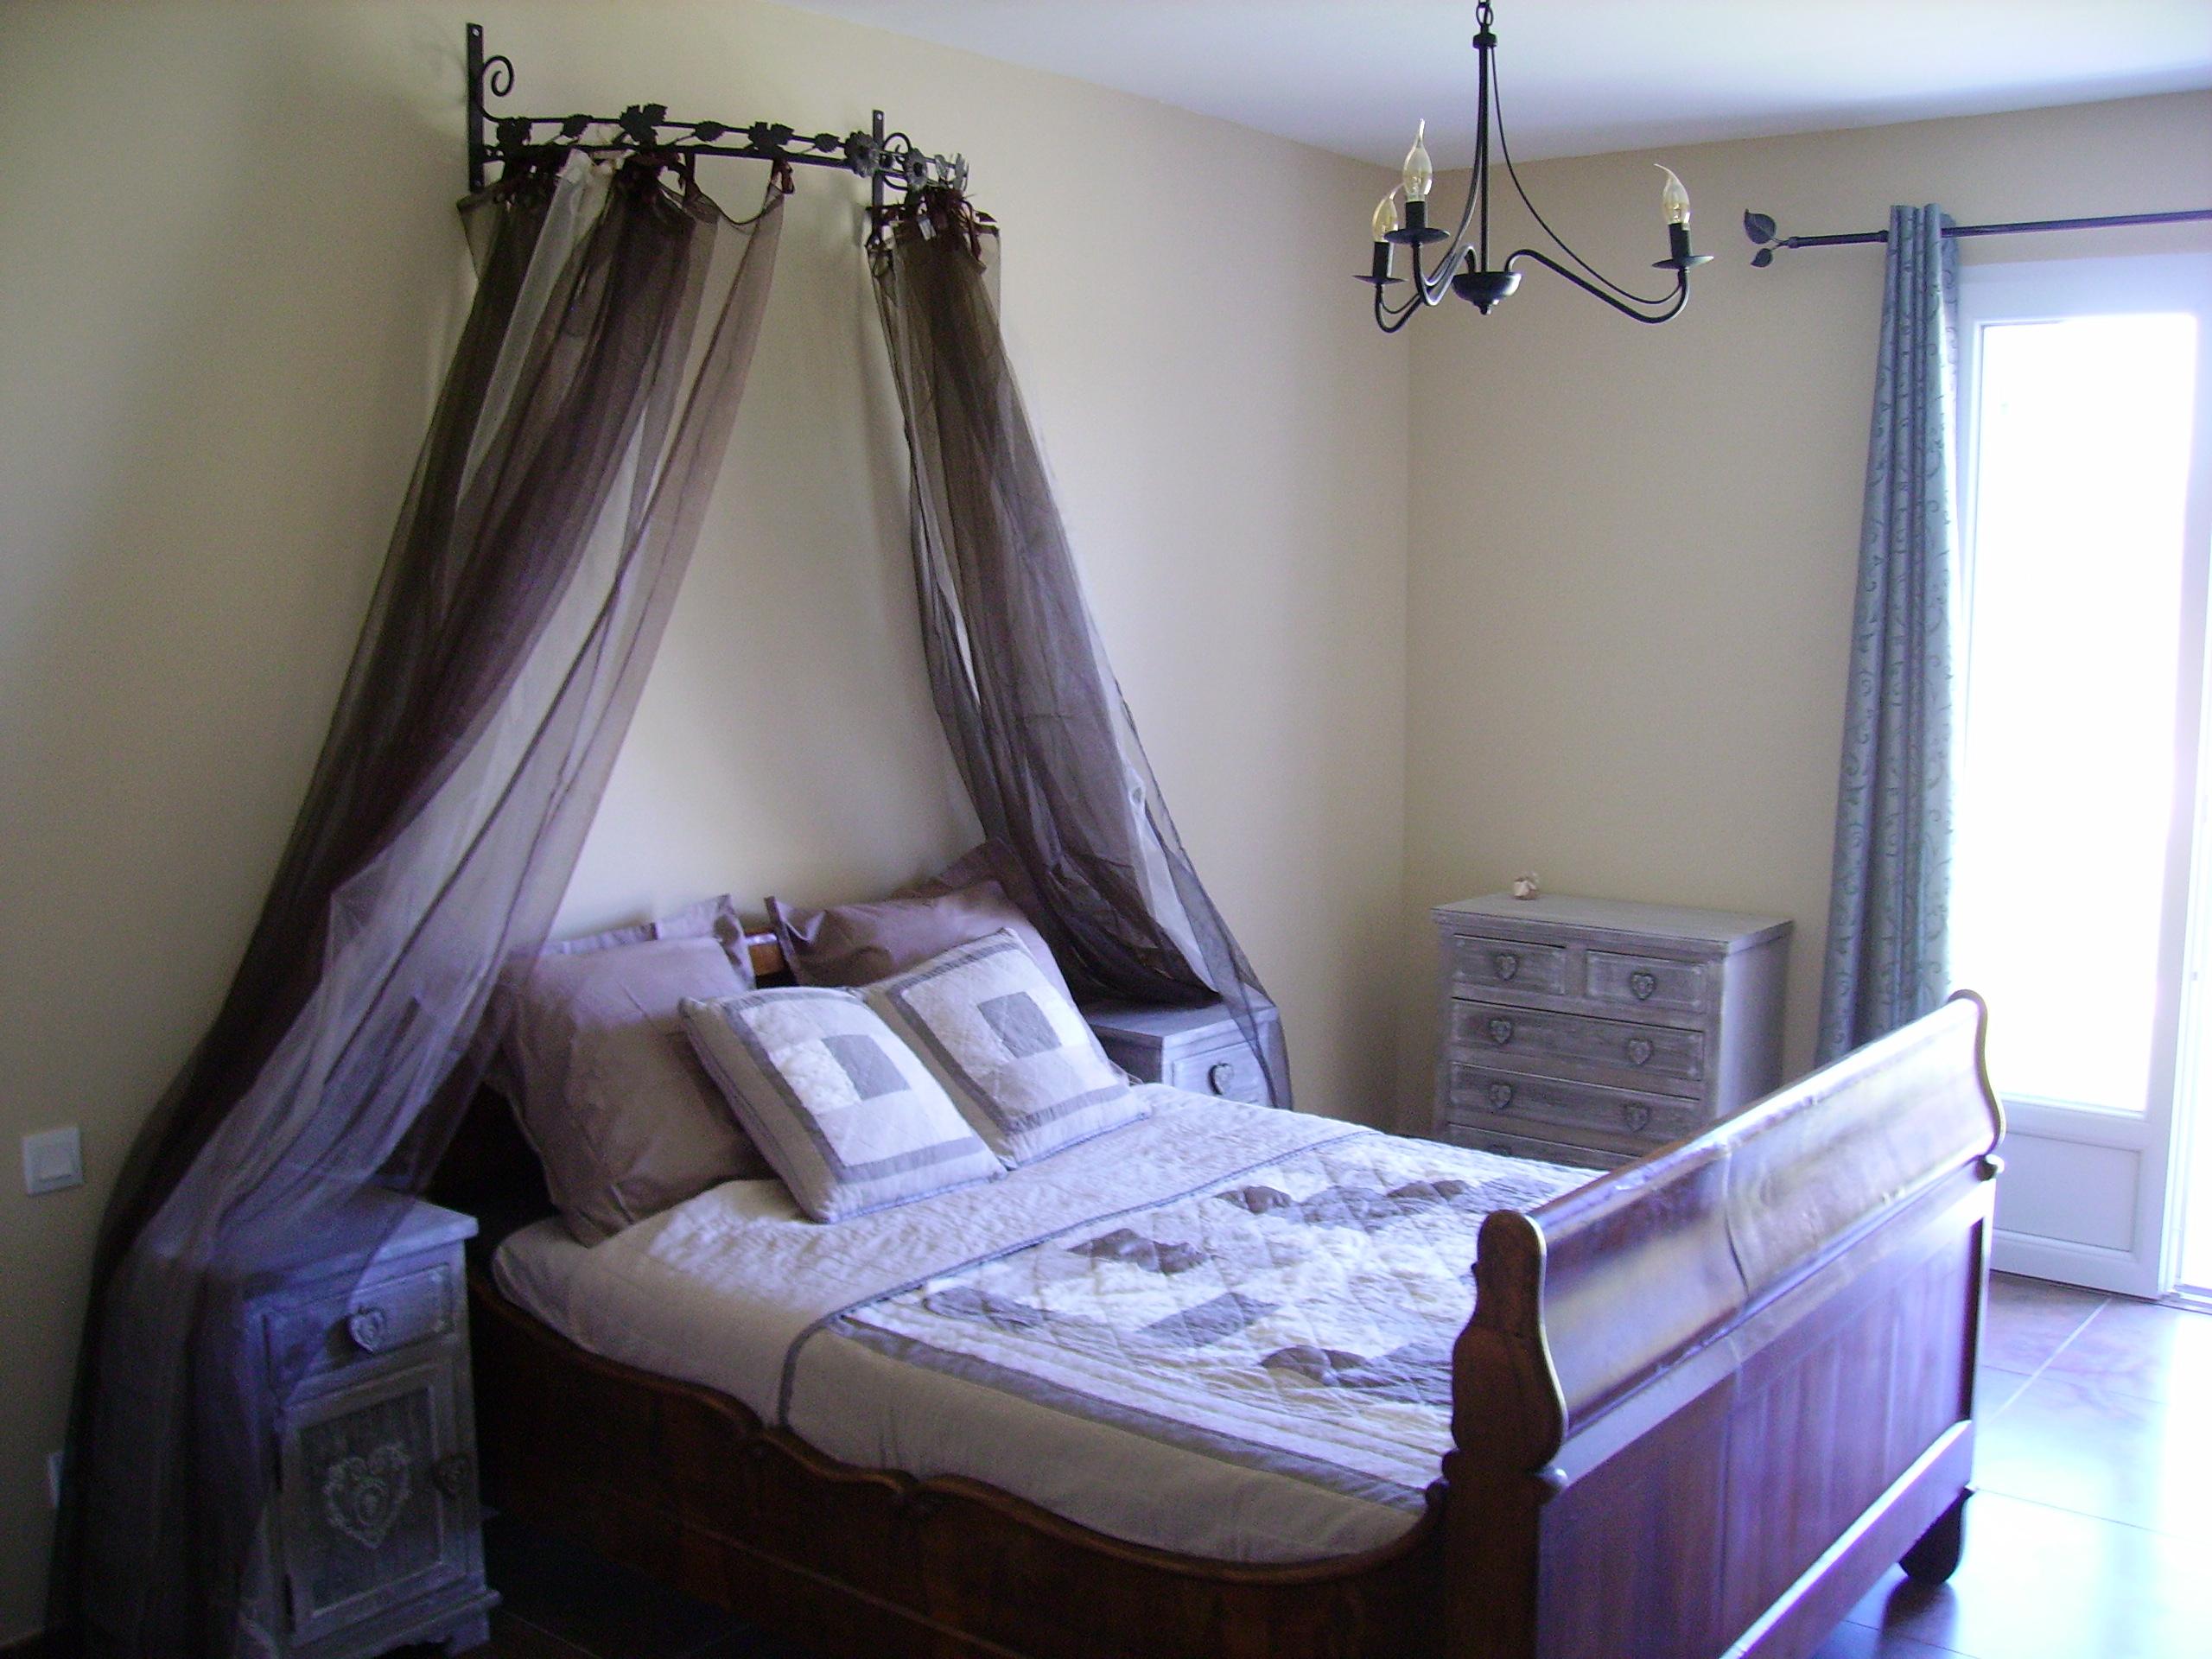 charmant chambres d hotes com | ravizh